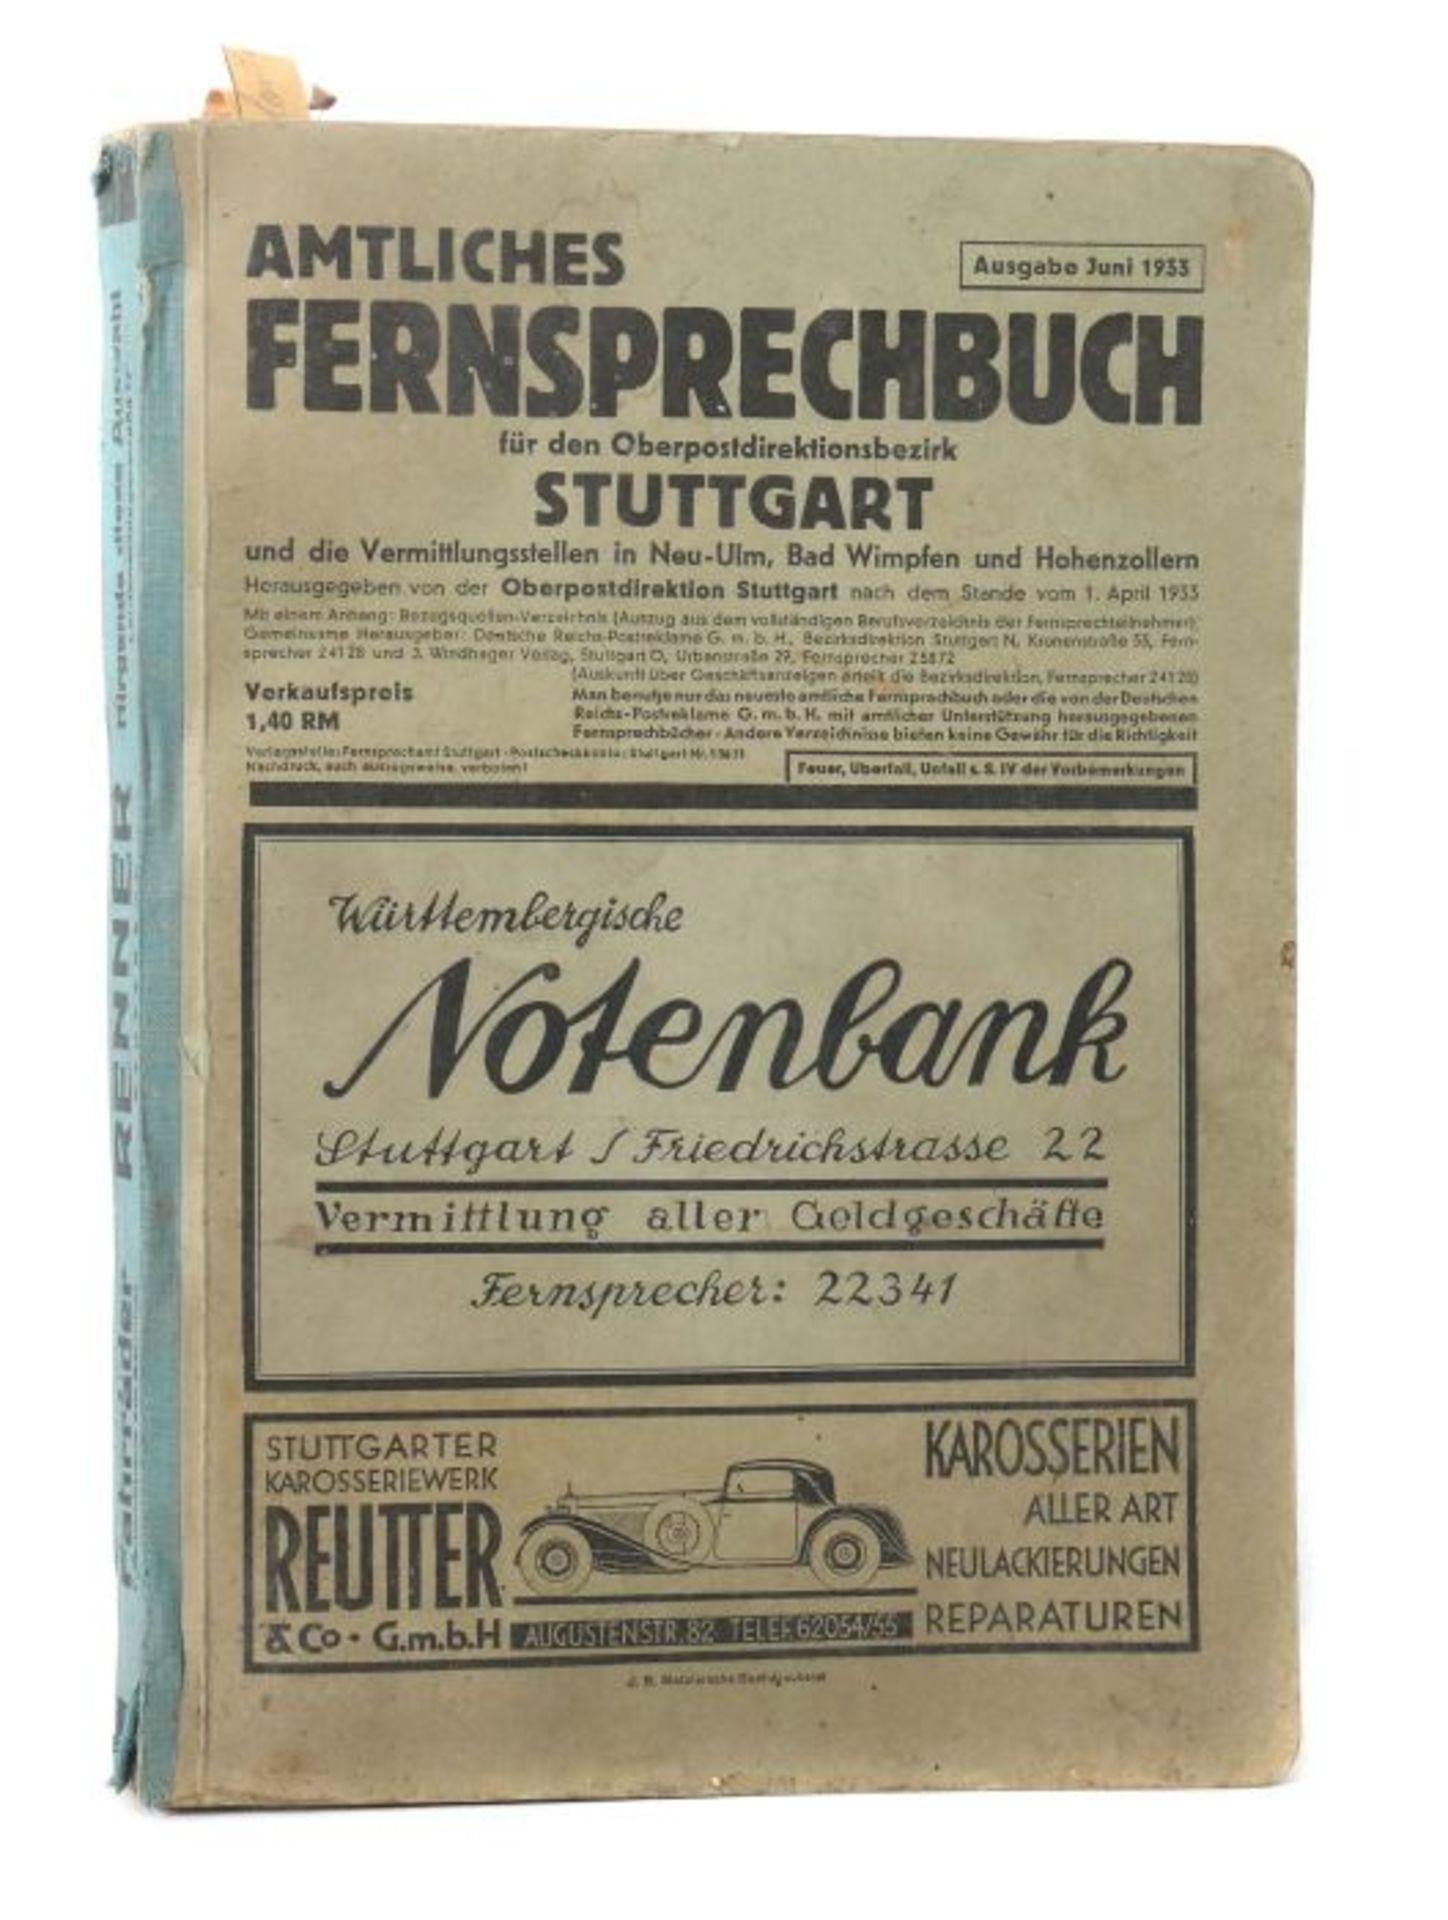 Amtliches Fernsprechbuch für den Oberpostdirektionsbezirk Stuttgart, Ausgabe Juni 1933, 578 S. +